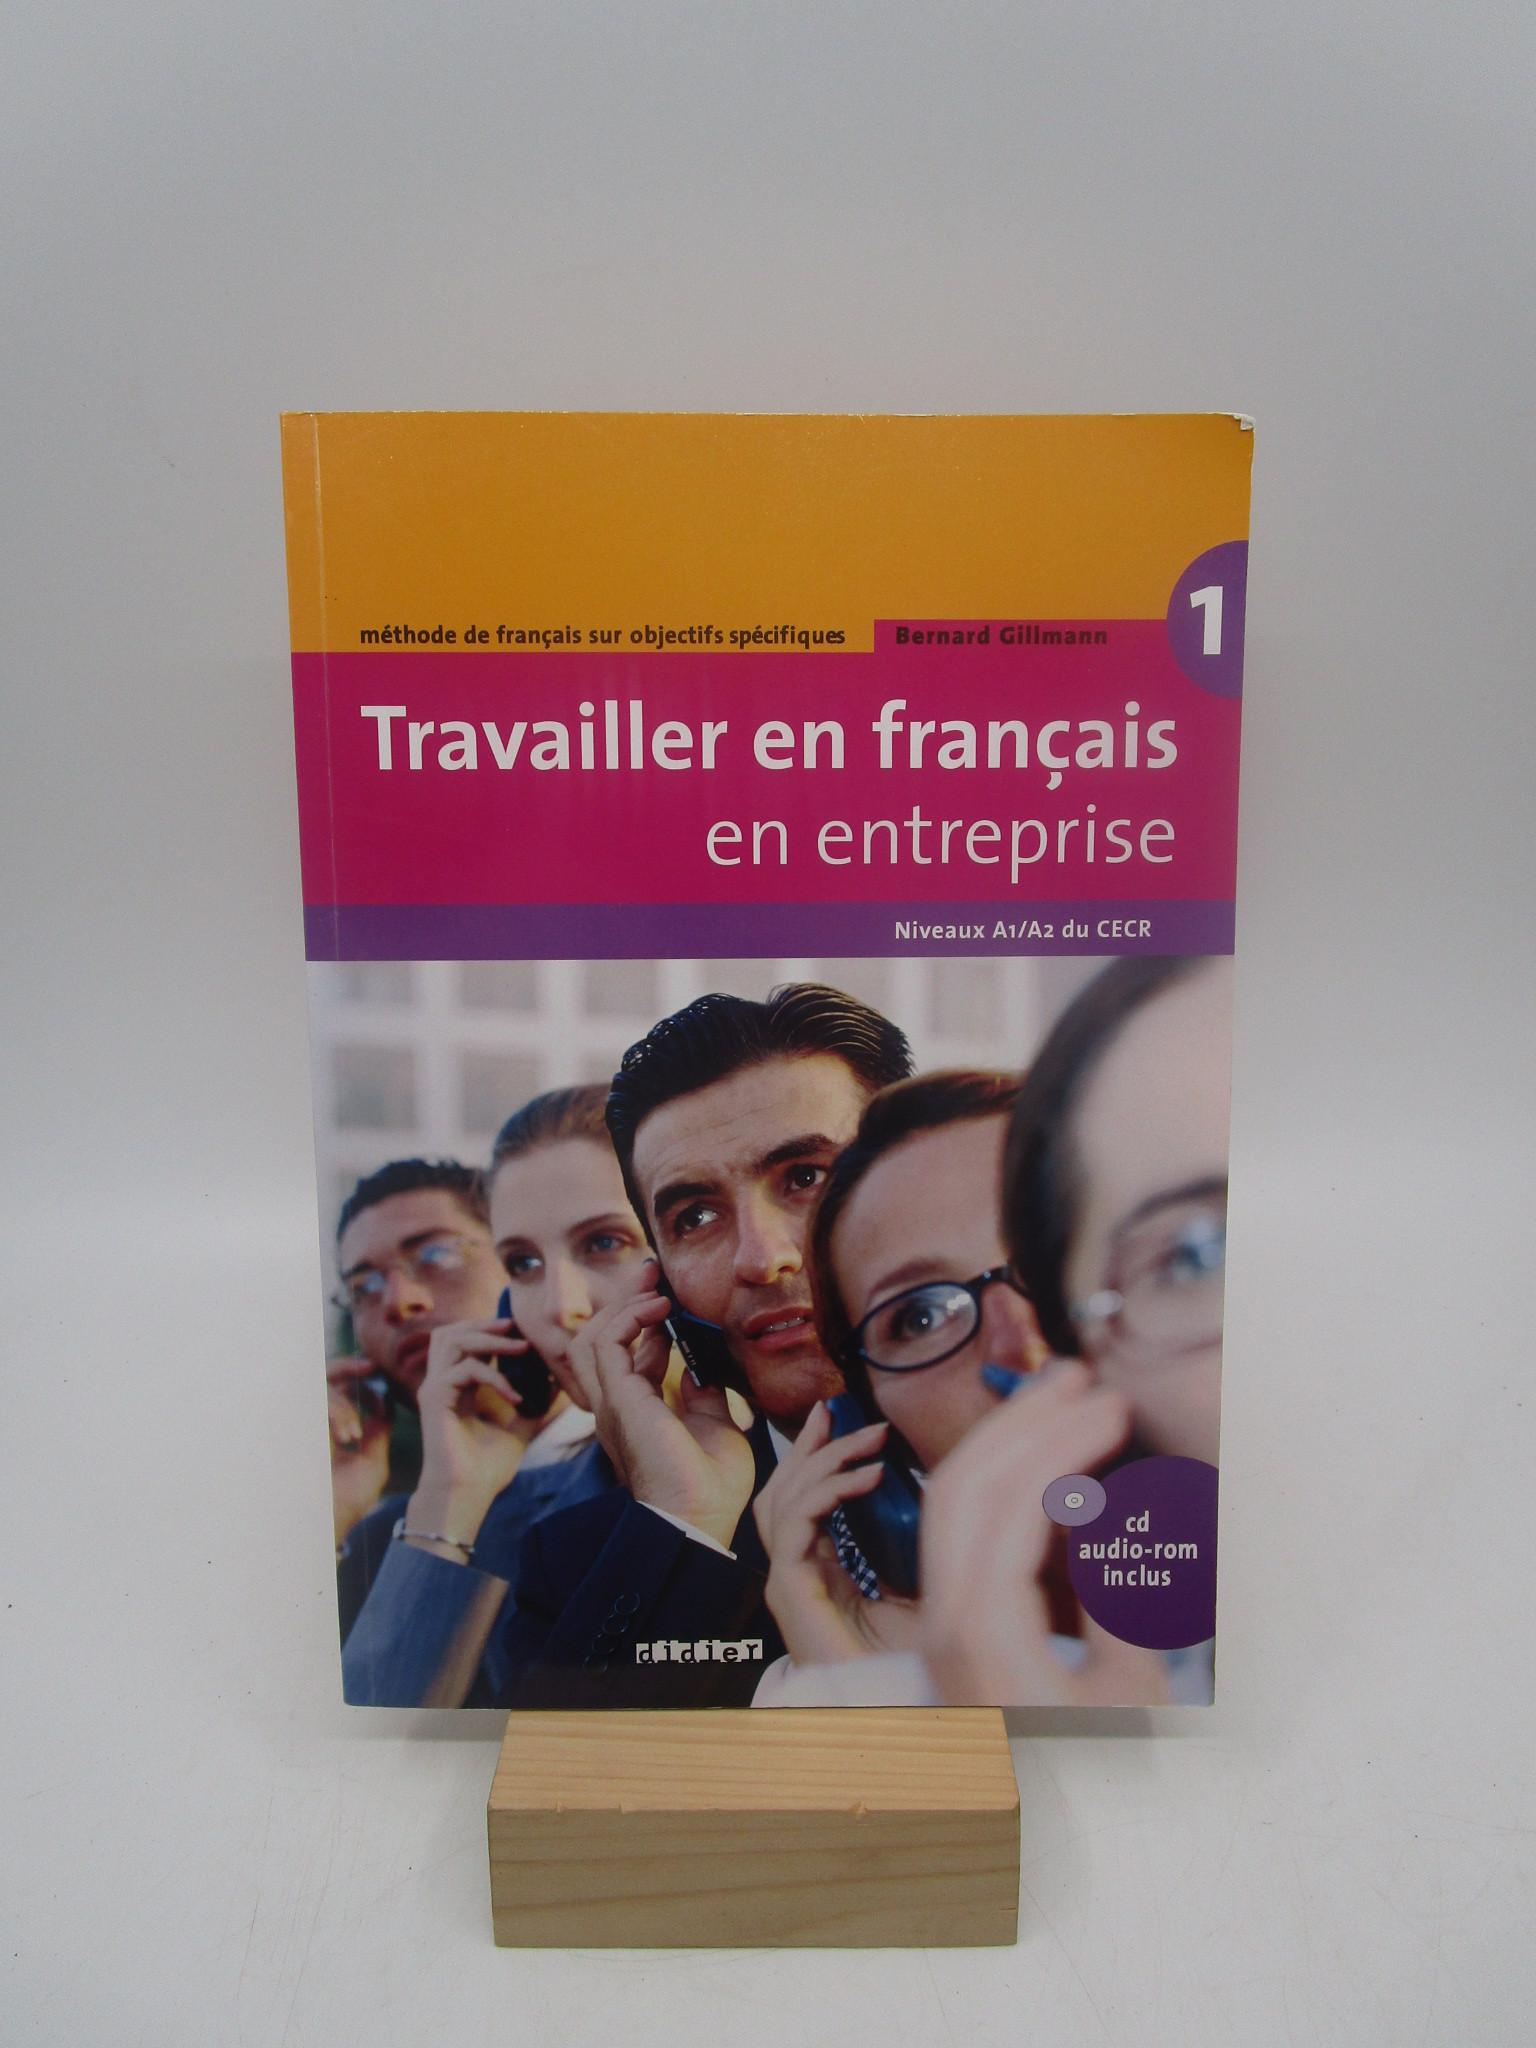 Image for TRAVAILLER EN FRANCAIS EN ENTREPRISE. METHODE DE FRANCAIS NIVEAUX A1 / A2 DU CECR (INCLUYE CD AUDIO)